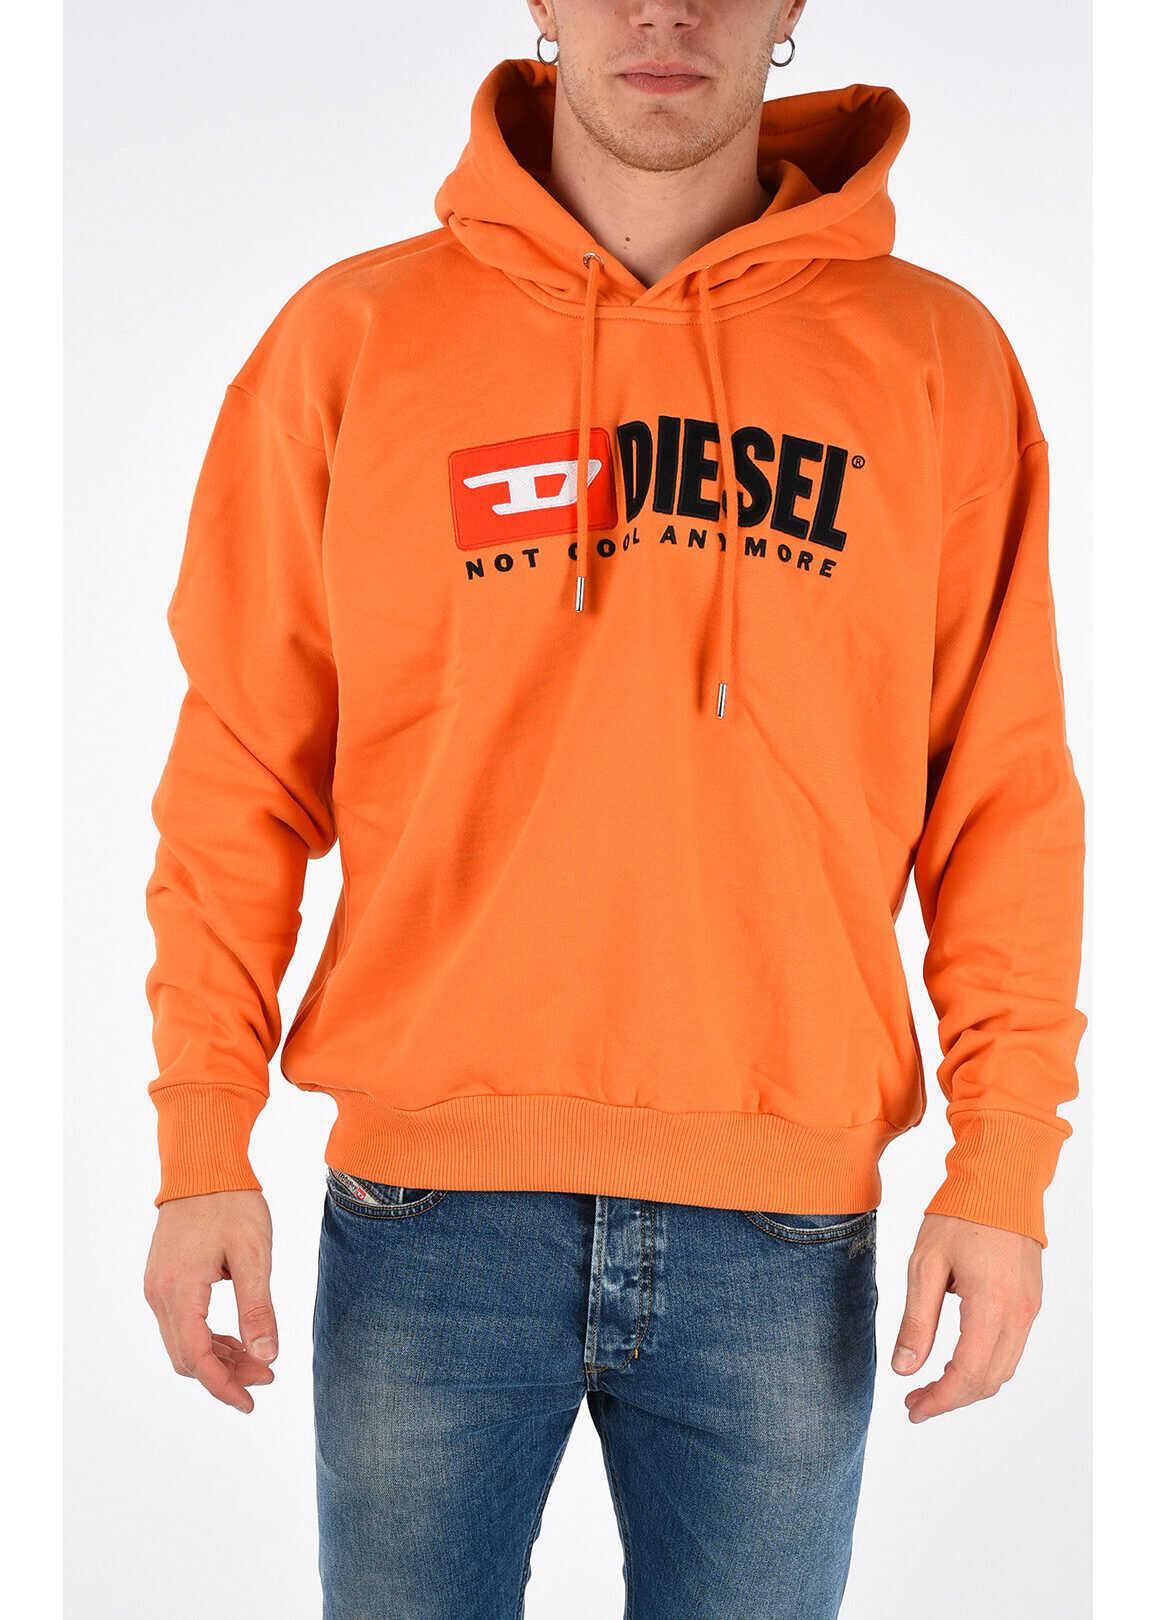 Diesel Embroidered HC-S-DIVISION-A Sweatshirt ORANGE